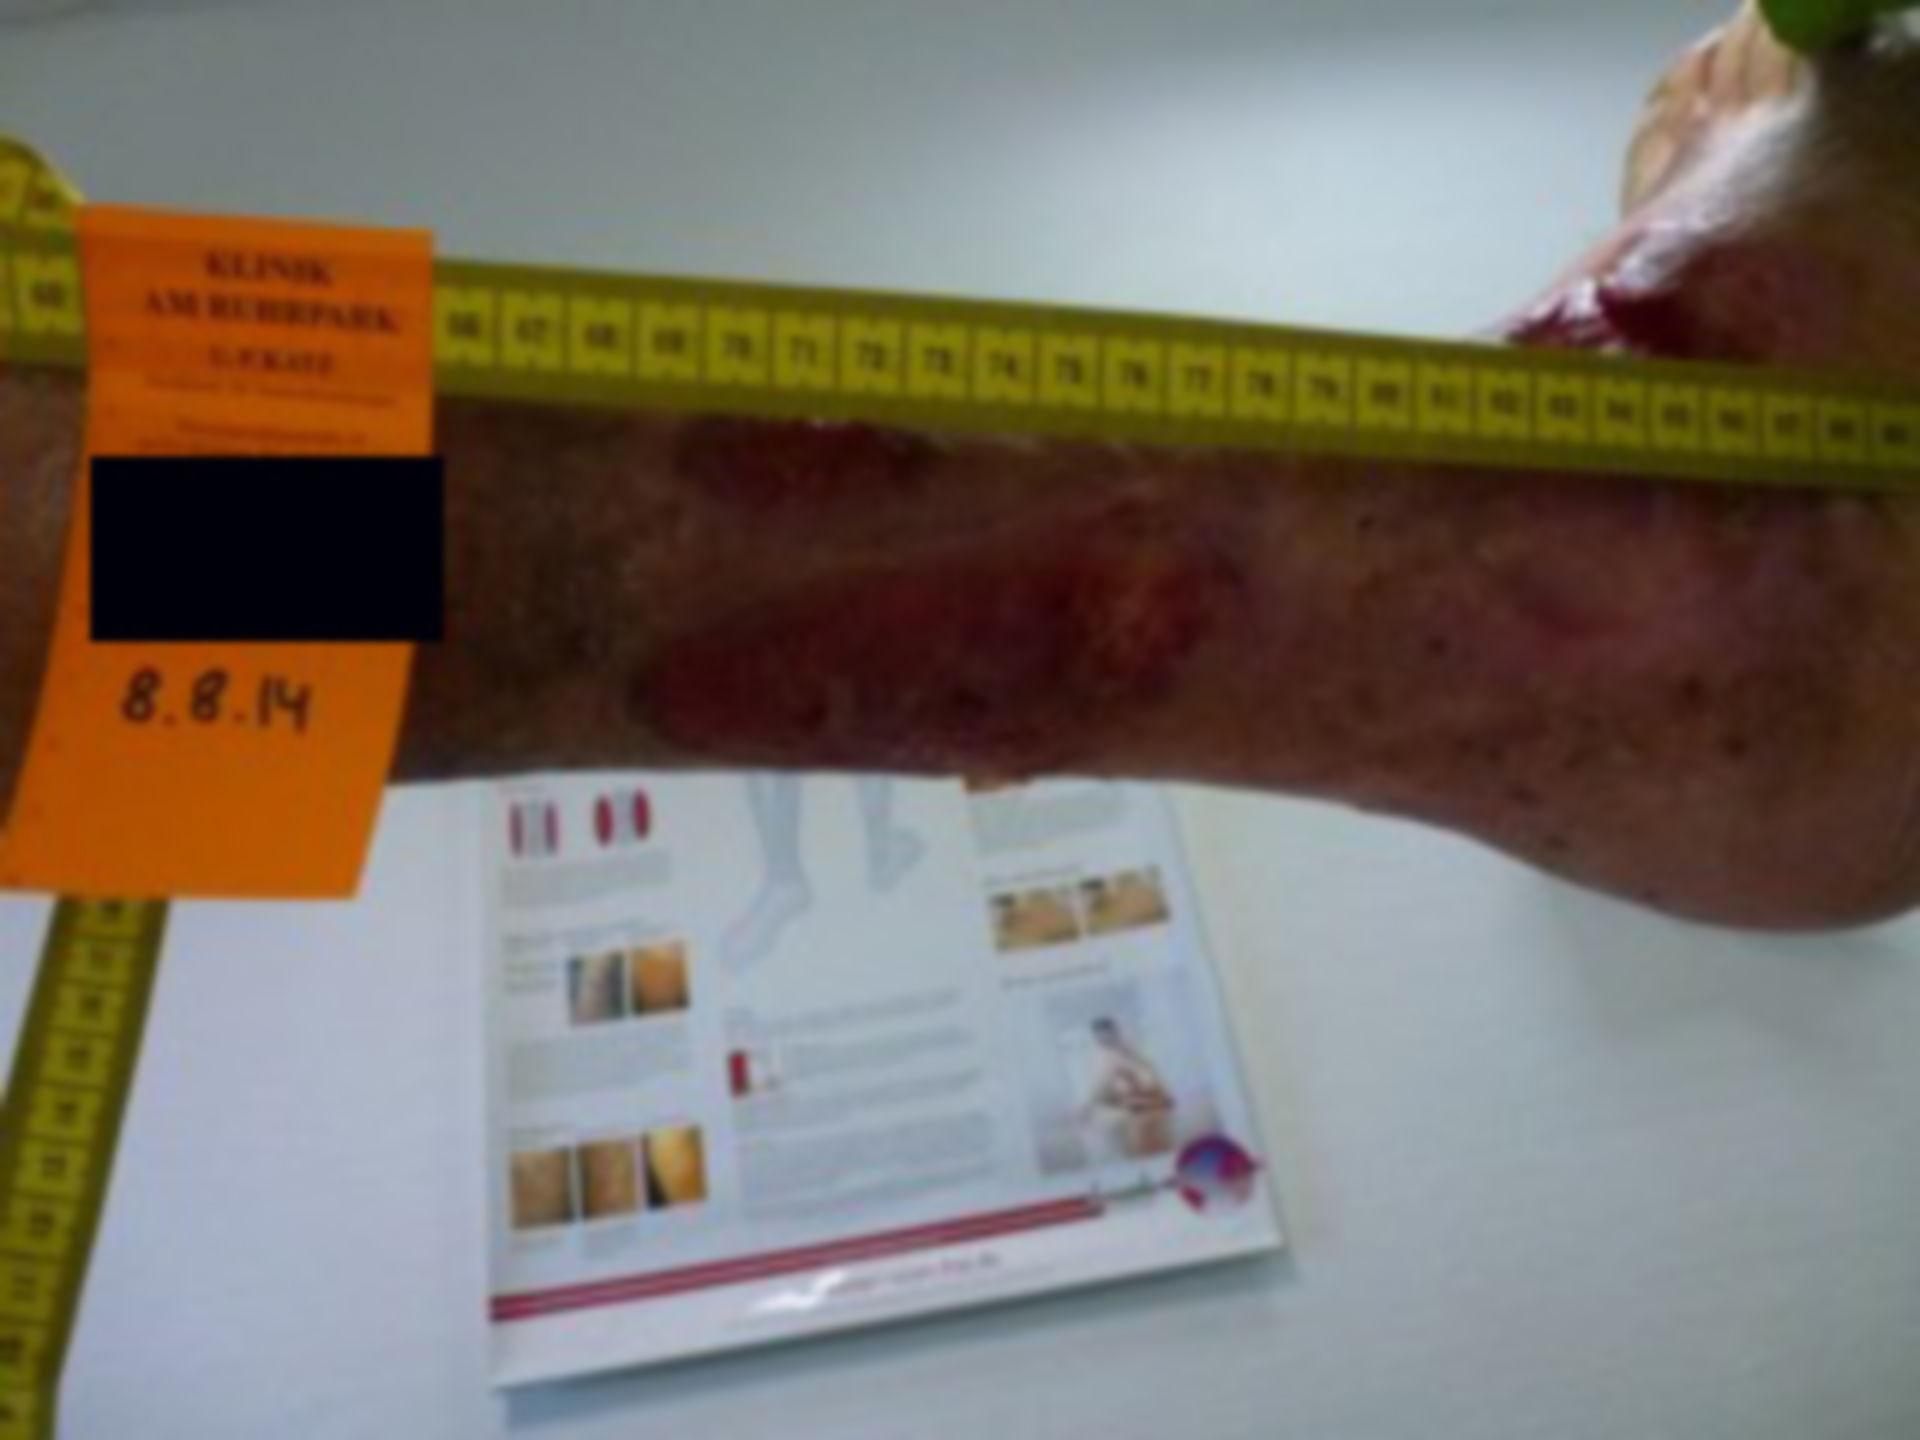 Úlcera de la pierna - abierta por 40 años (22)